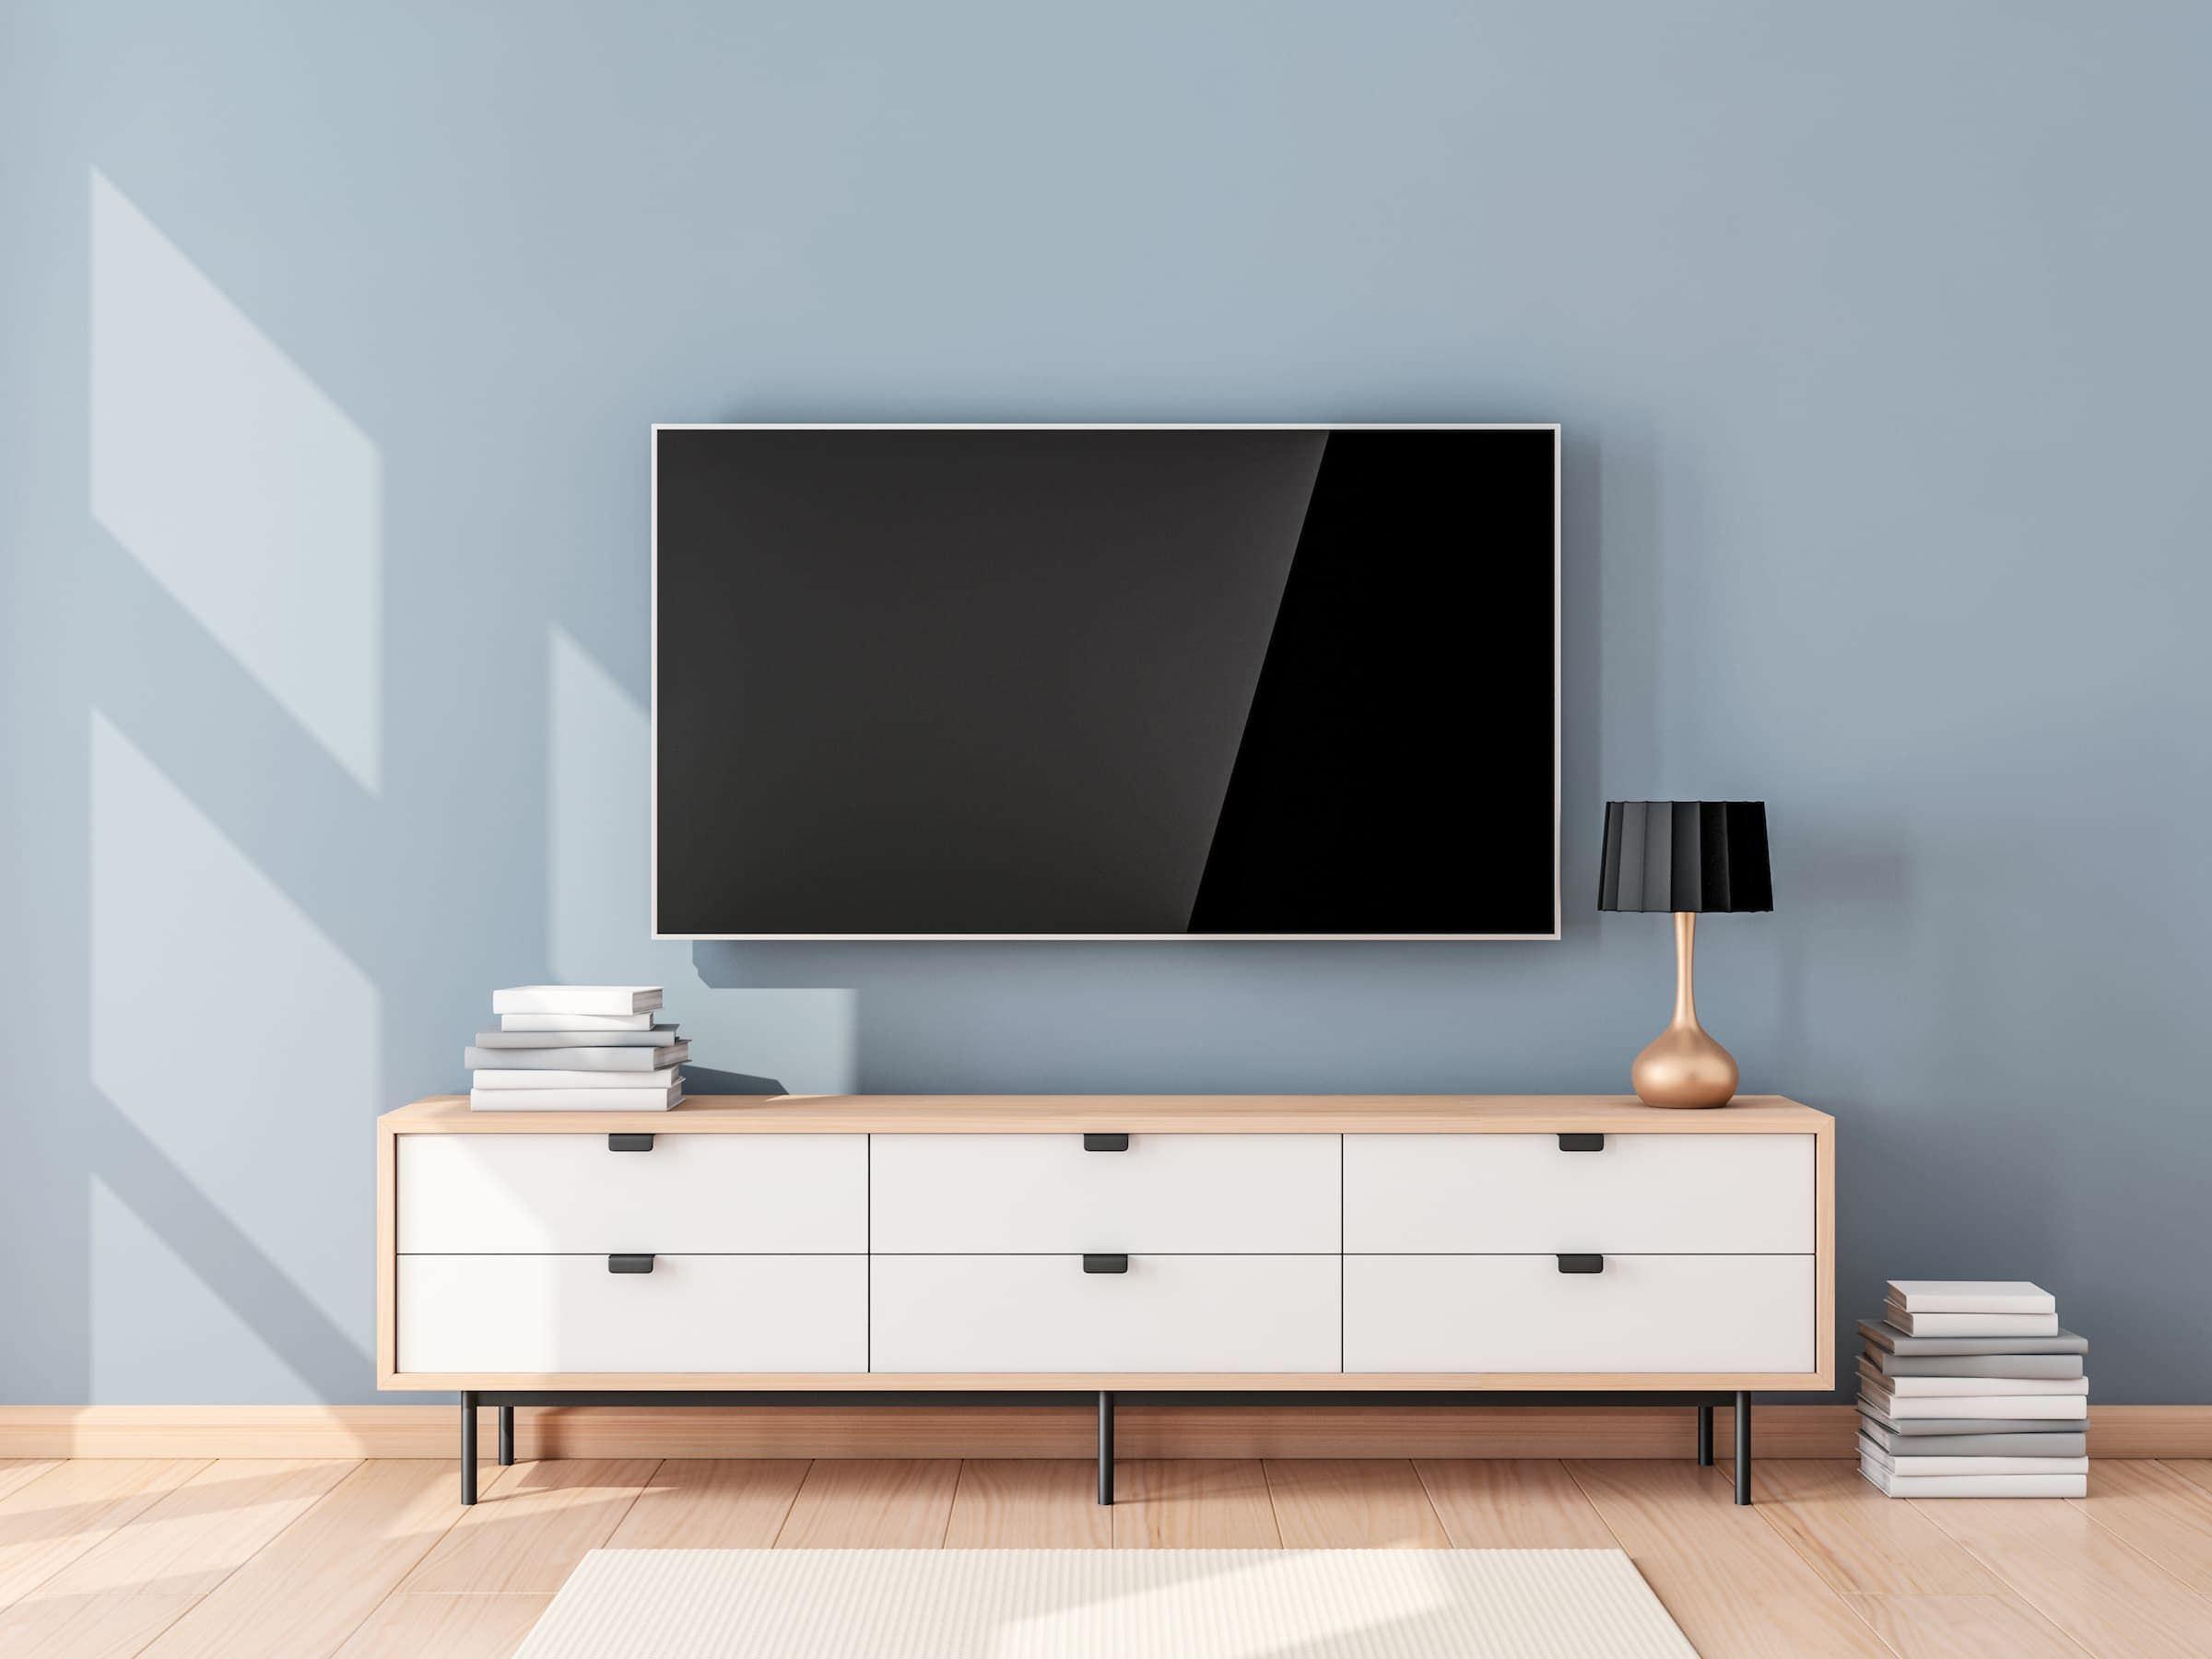 Kệ tivi 6 ngăn đơn giản giá rẻ